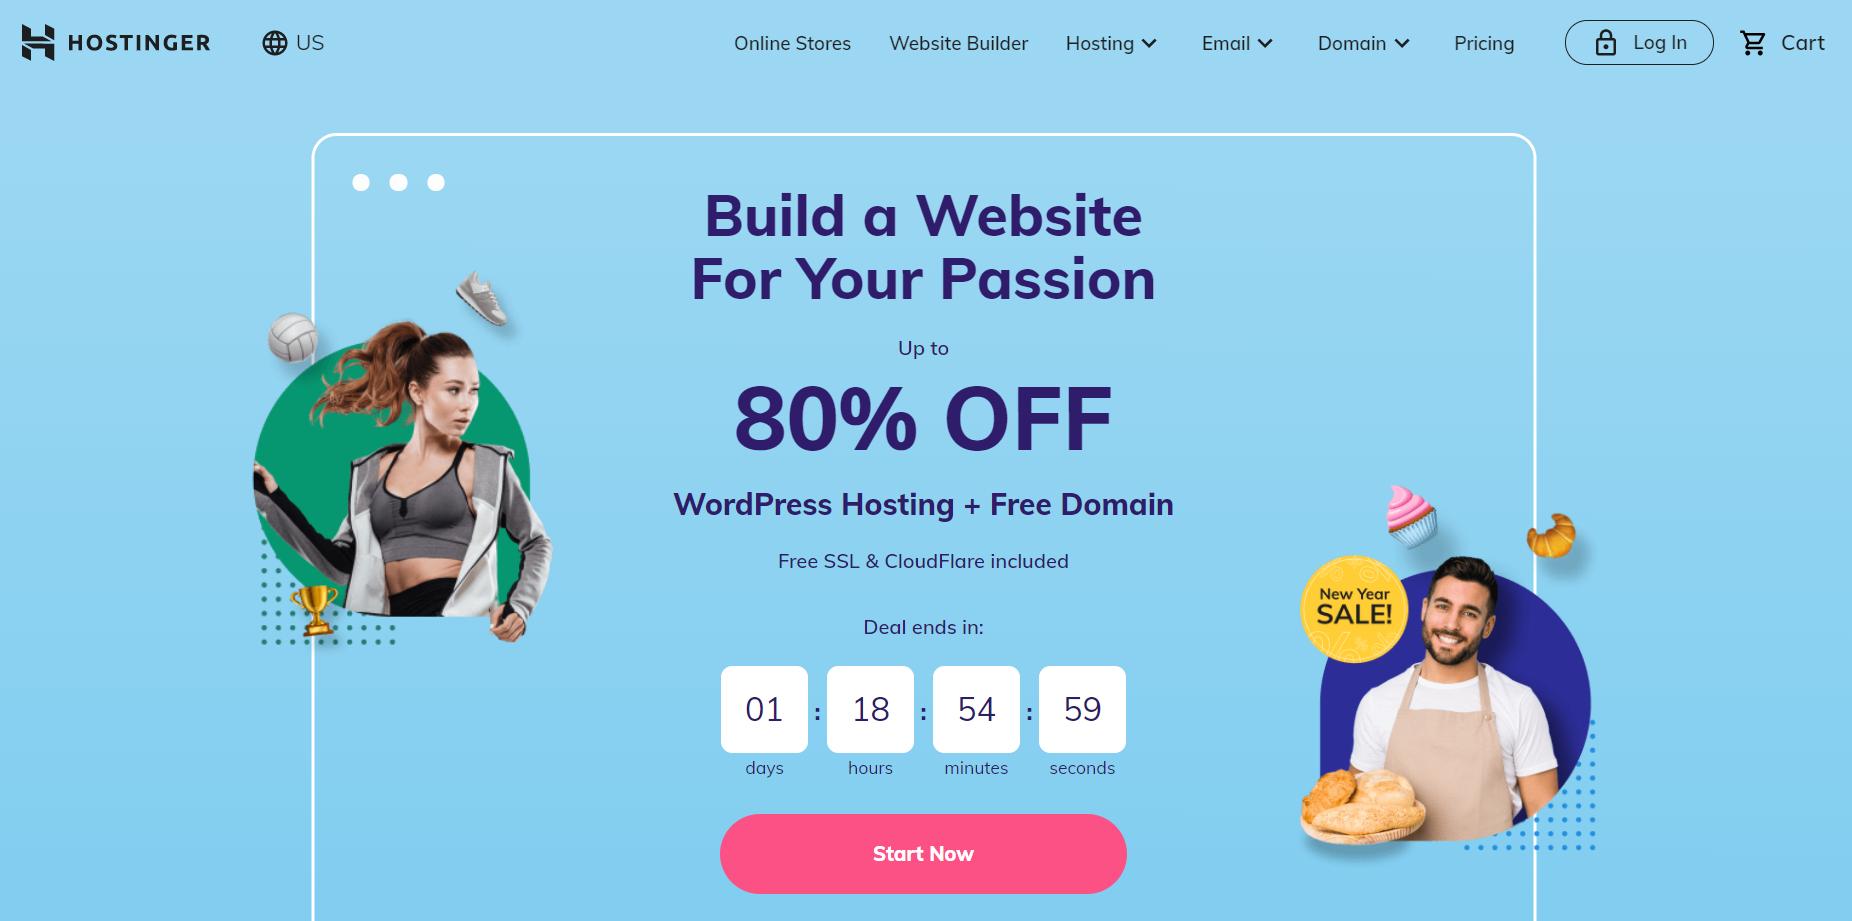 hostinger web hosting - digitally atanu